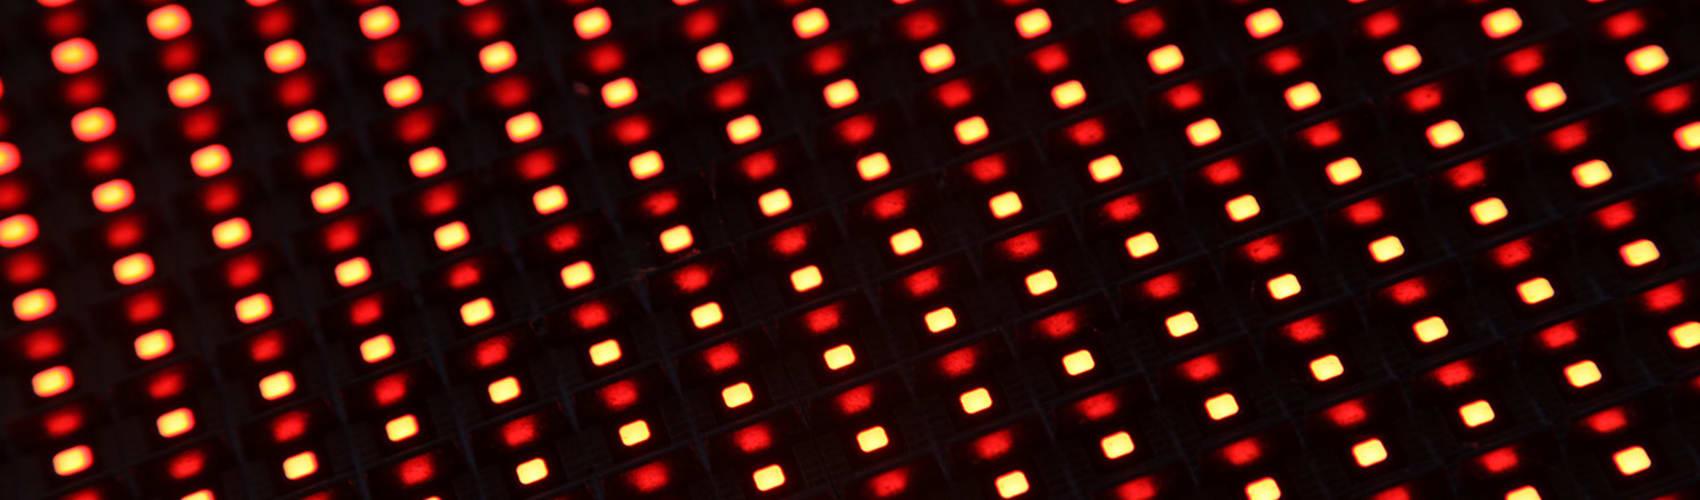 Storm screen pixel close up